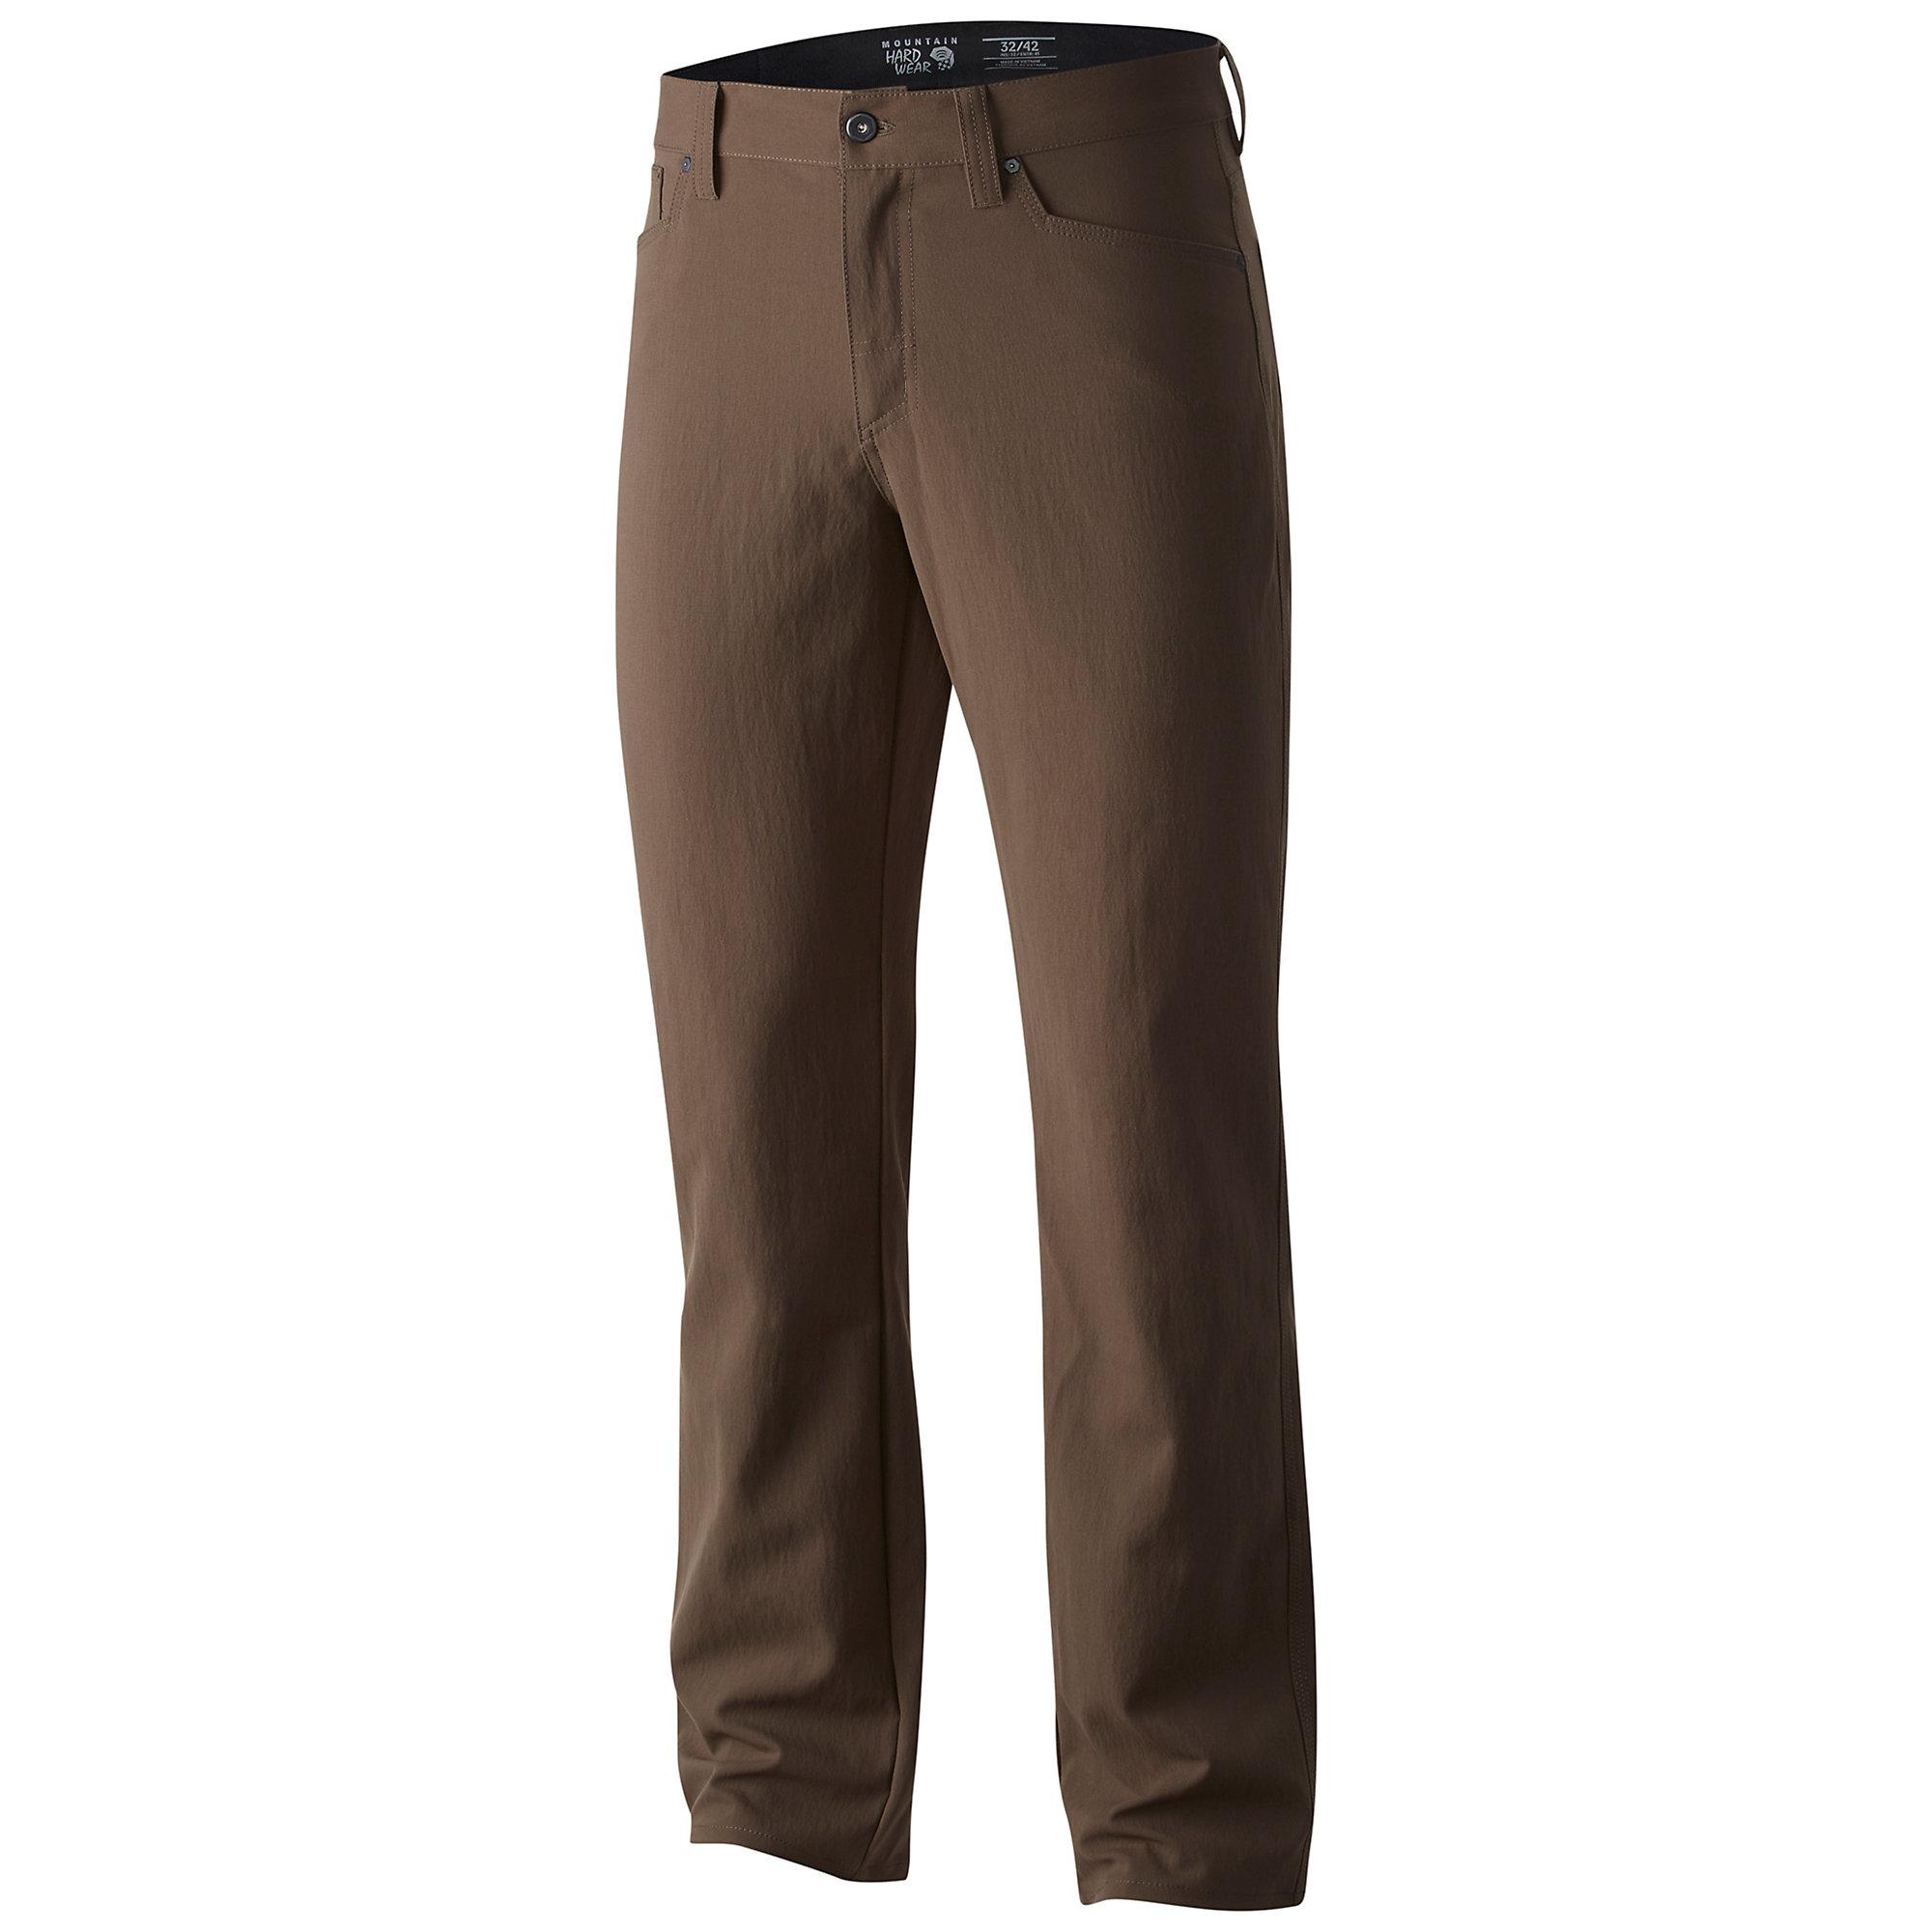 photo: Mountain Hardwear Piero 5 Pocket Pant